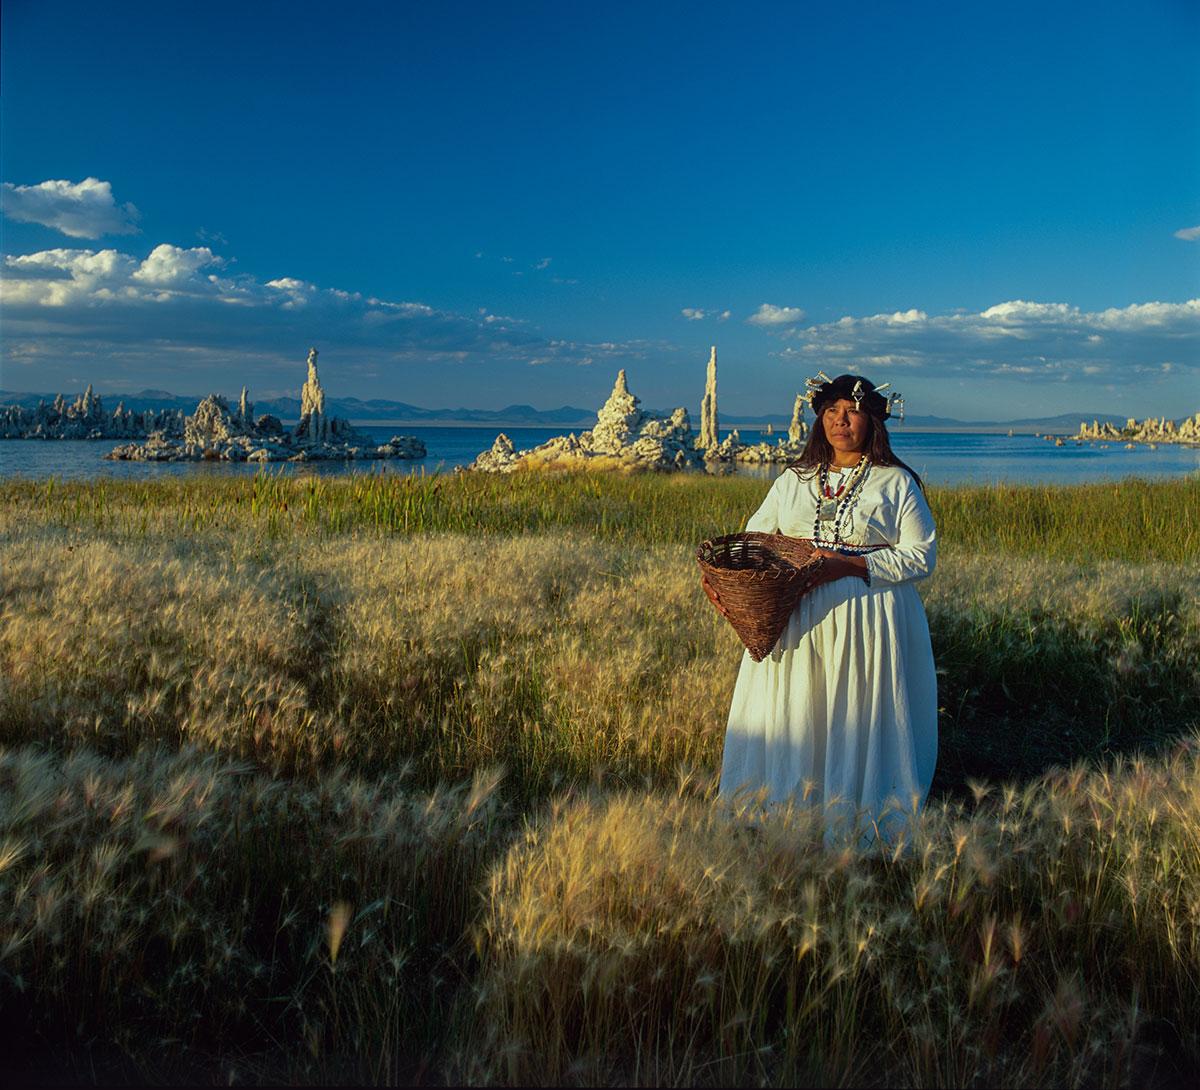 Native Americans - Paiute - Shoshone - Lucy Parker